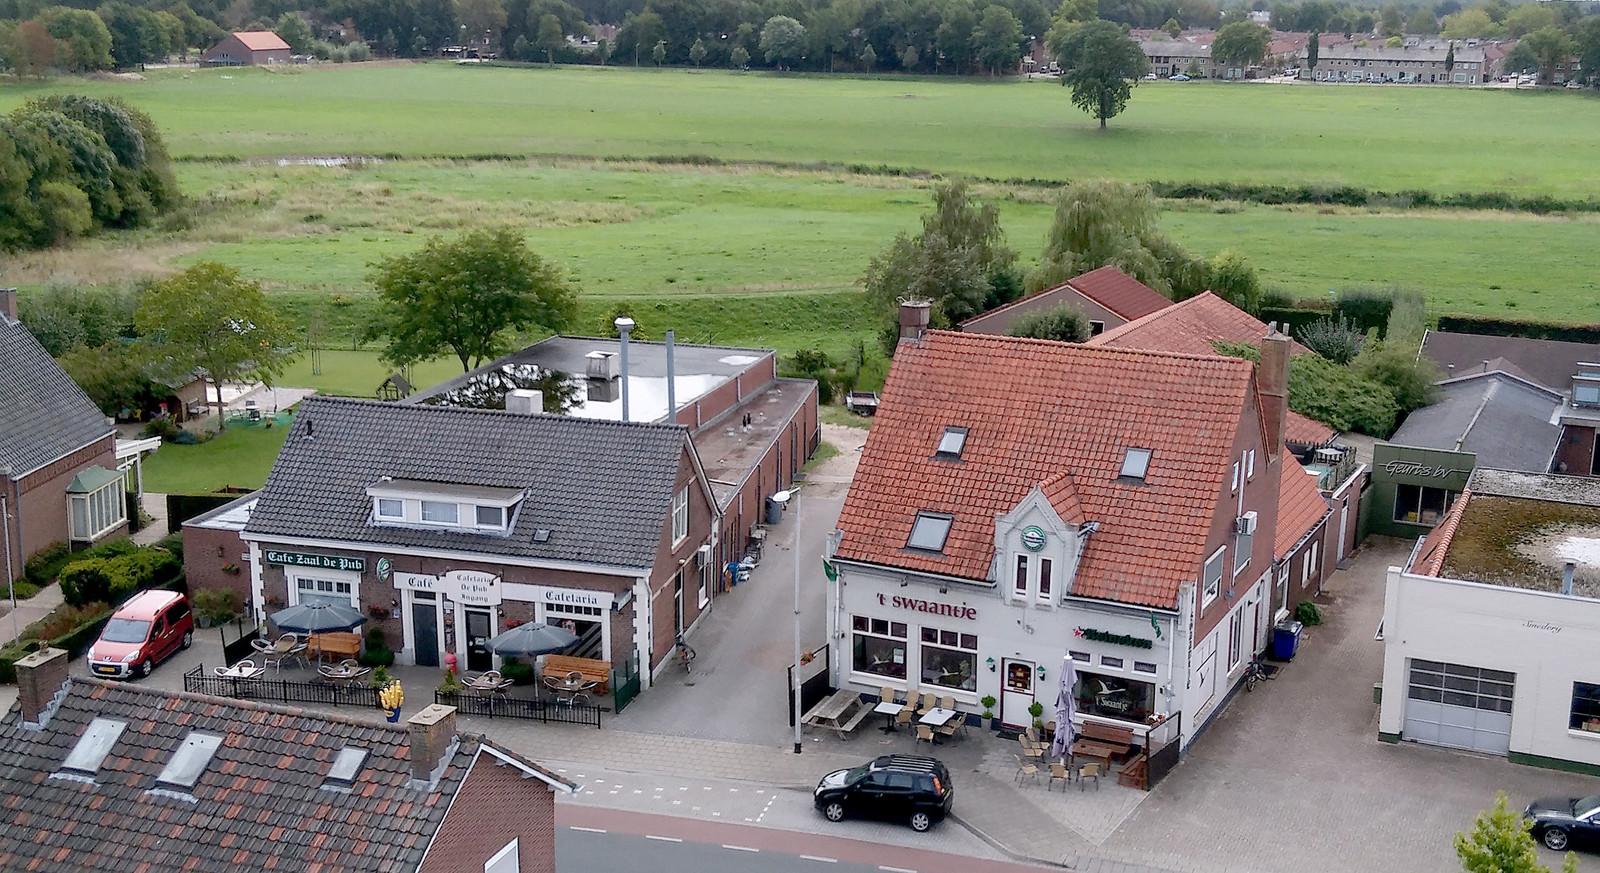 Cafe zaal de Pub en T'Swaantje zouden moeten worden opgekocht door de Gemeente. Hier zouden dan appartementen en iets voor ouderen voor in de plaats moeten komen.